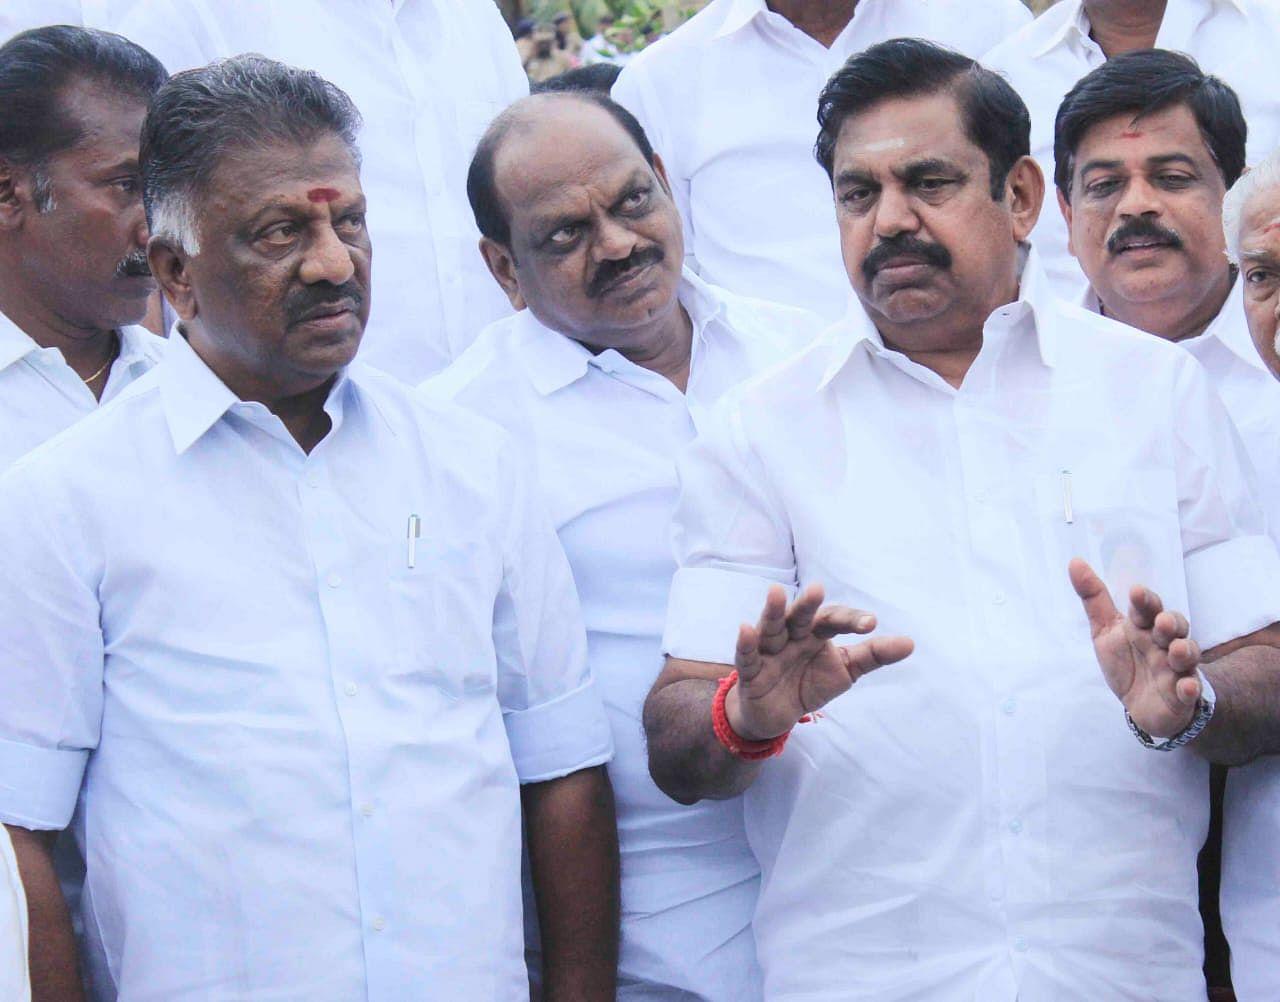 1203db03 124d 40b5 92a4 3b810f808a06 Tamil News Spot